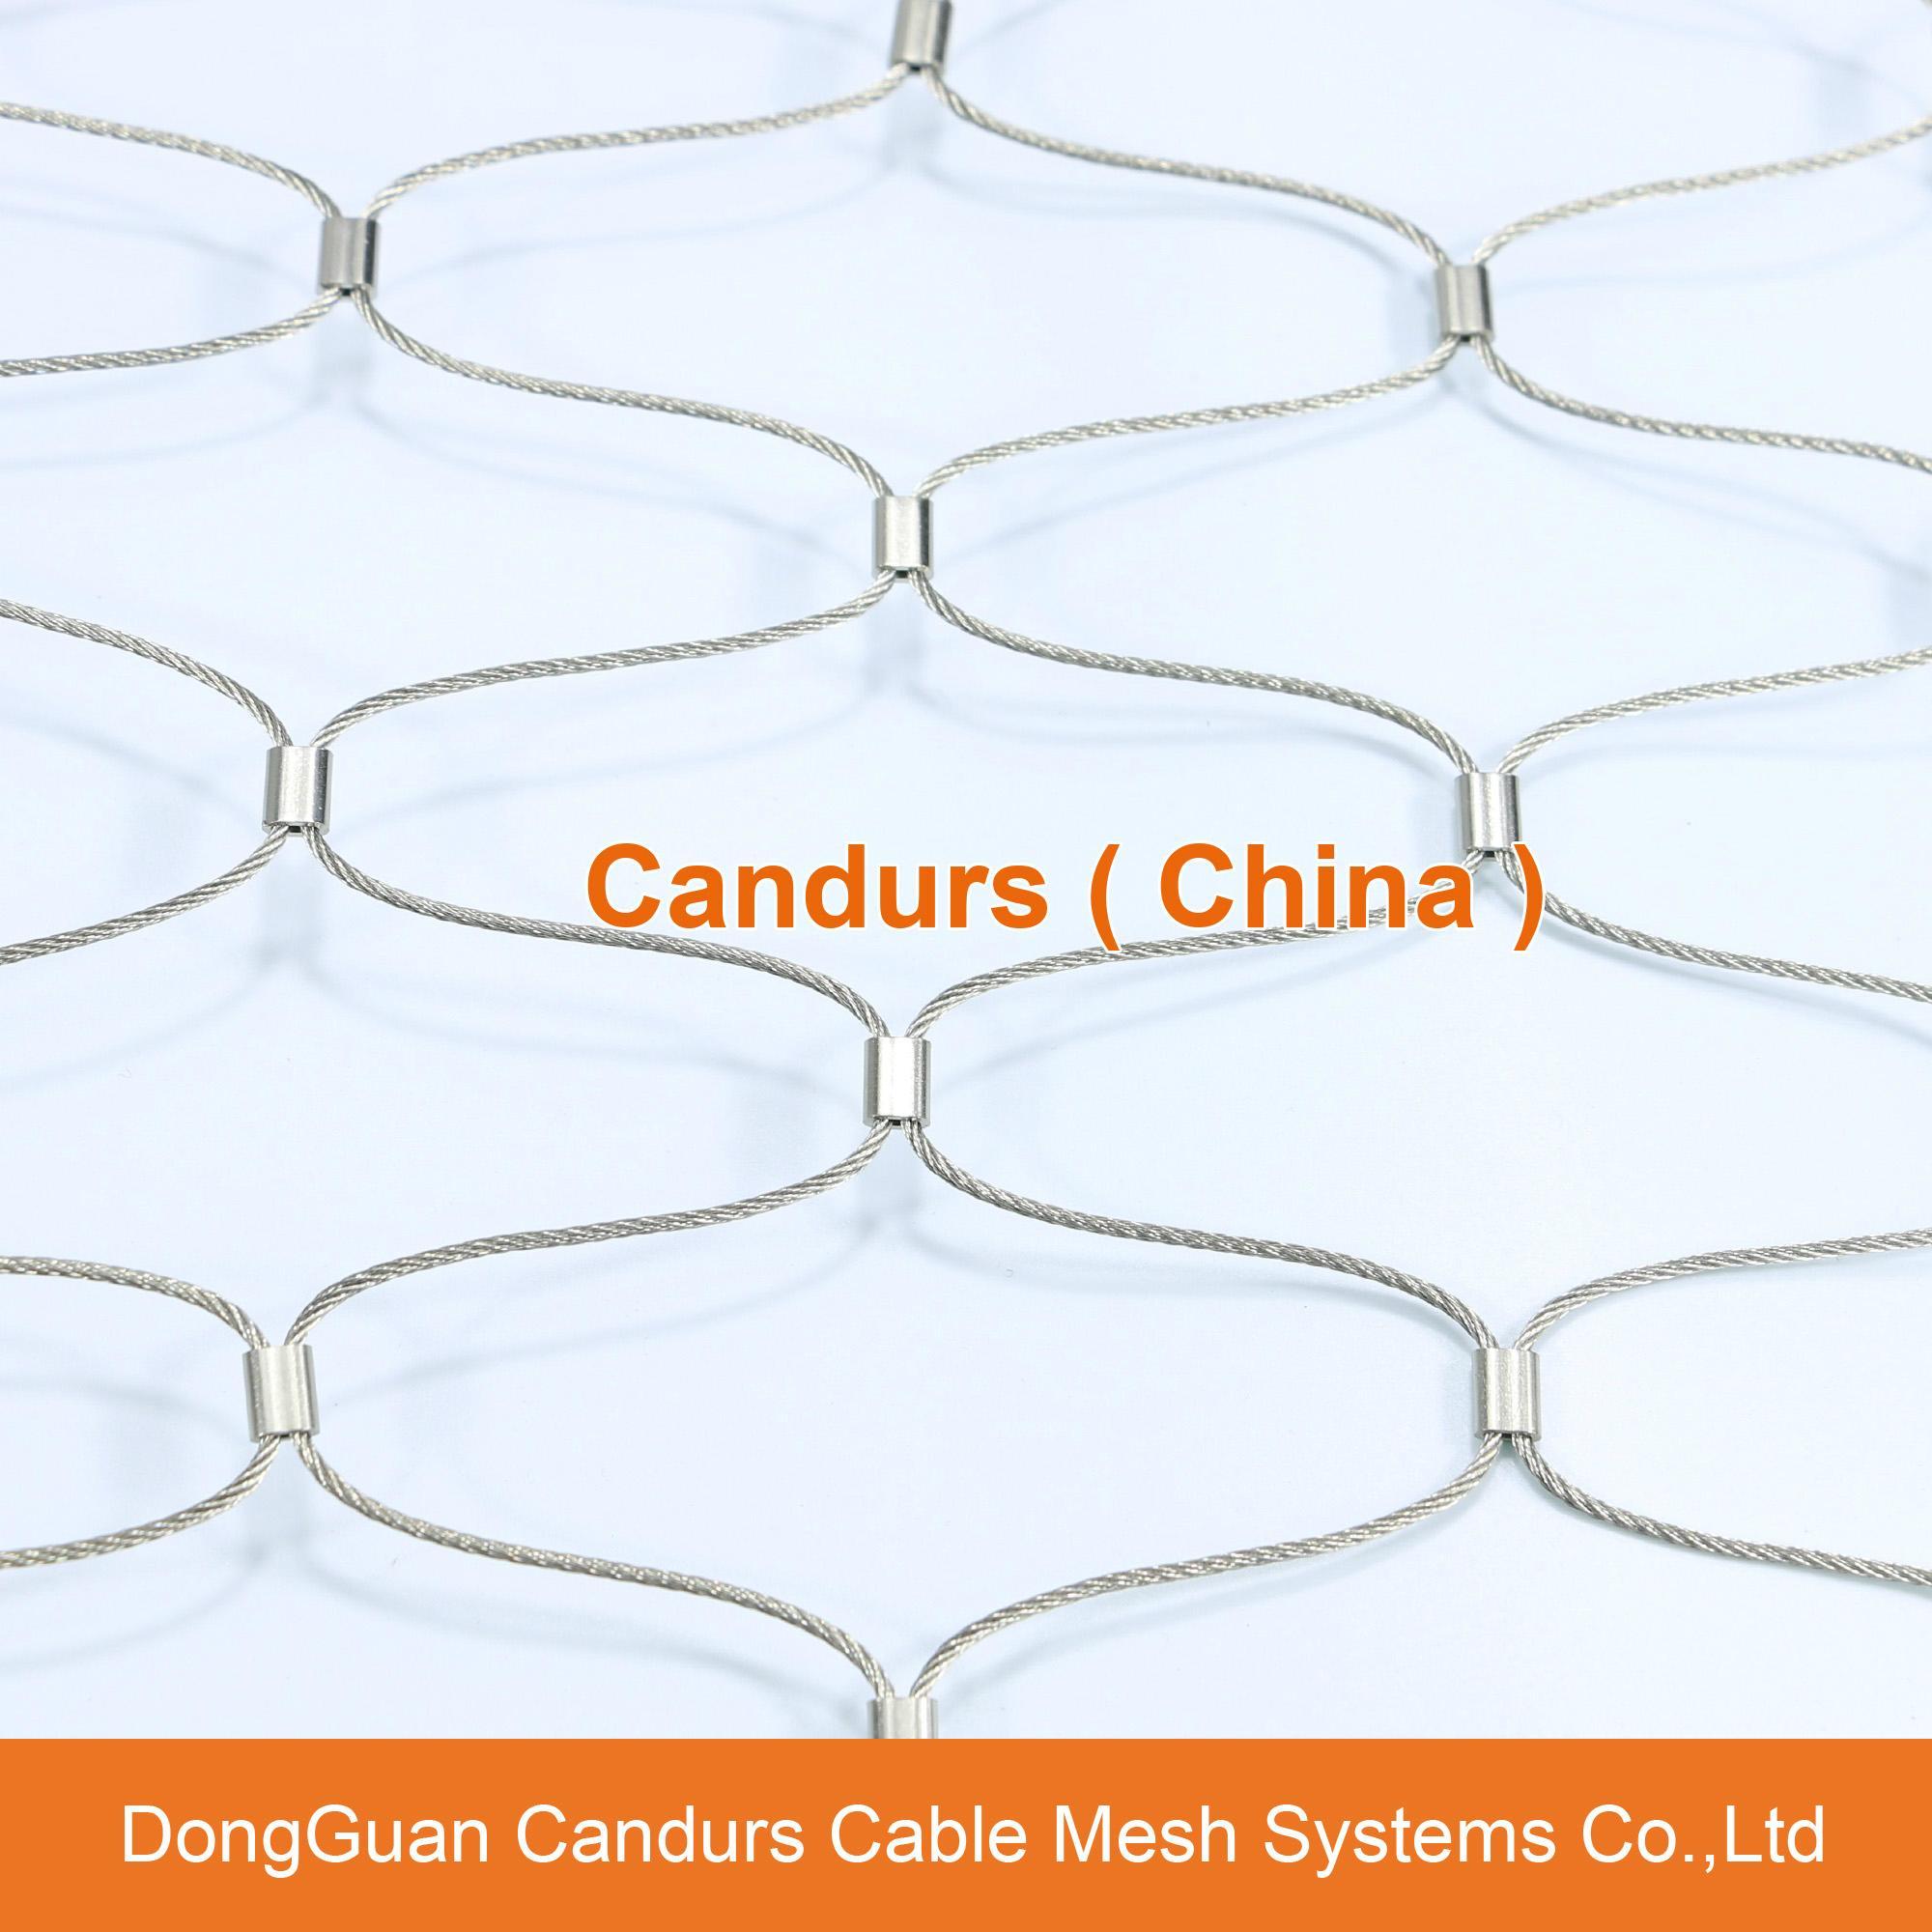 不锈钢绳建筑柔性防护网 15